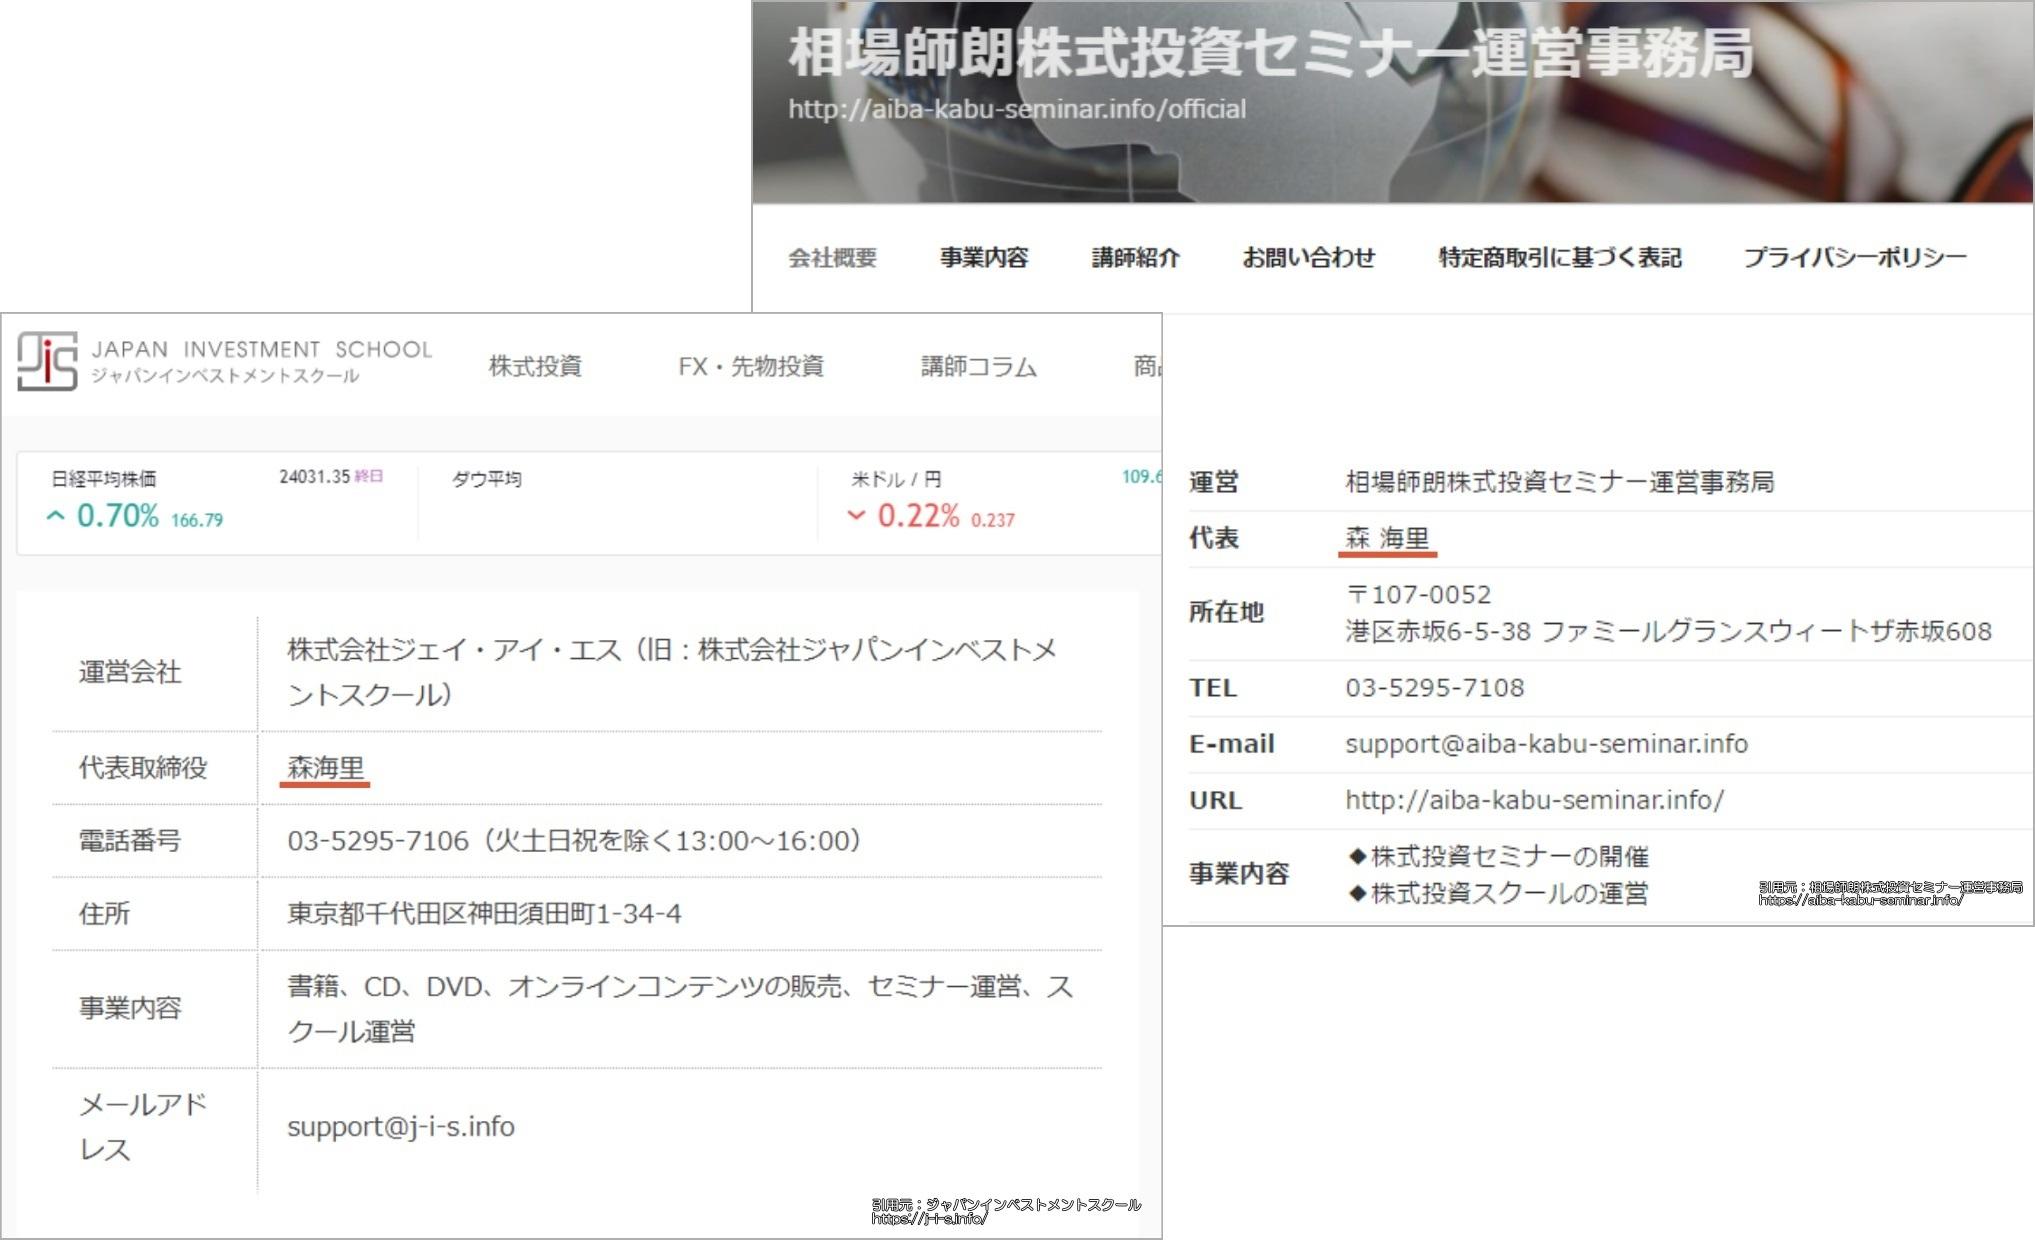 相場師朗の株塾とジャパンインベストメントスクールの関連性